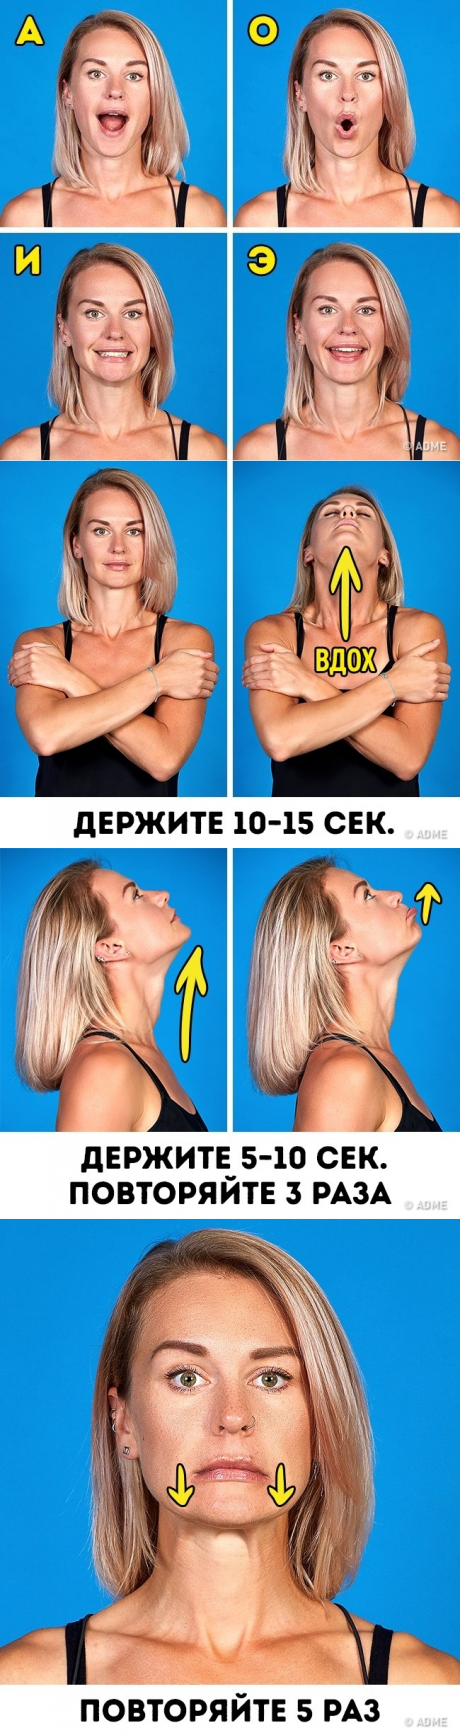 Как эффективно похудеть в щеках